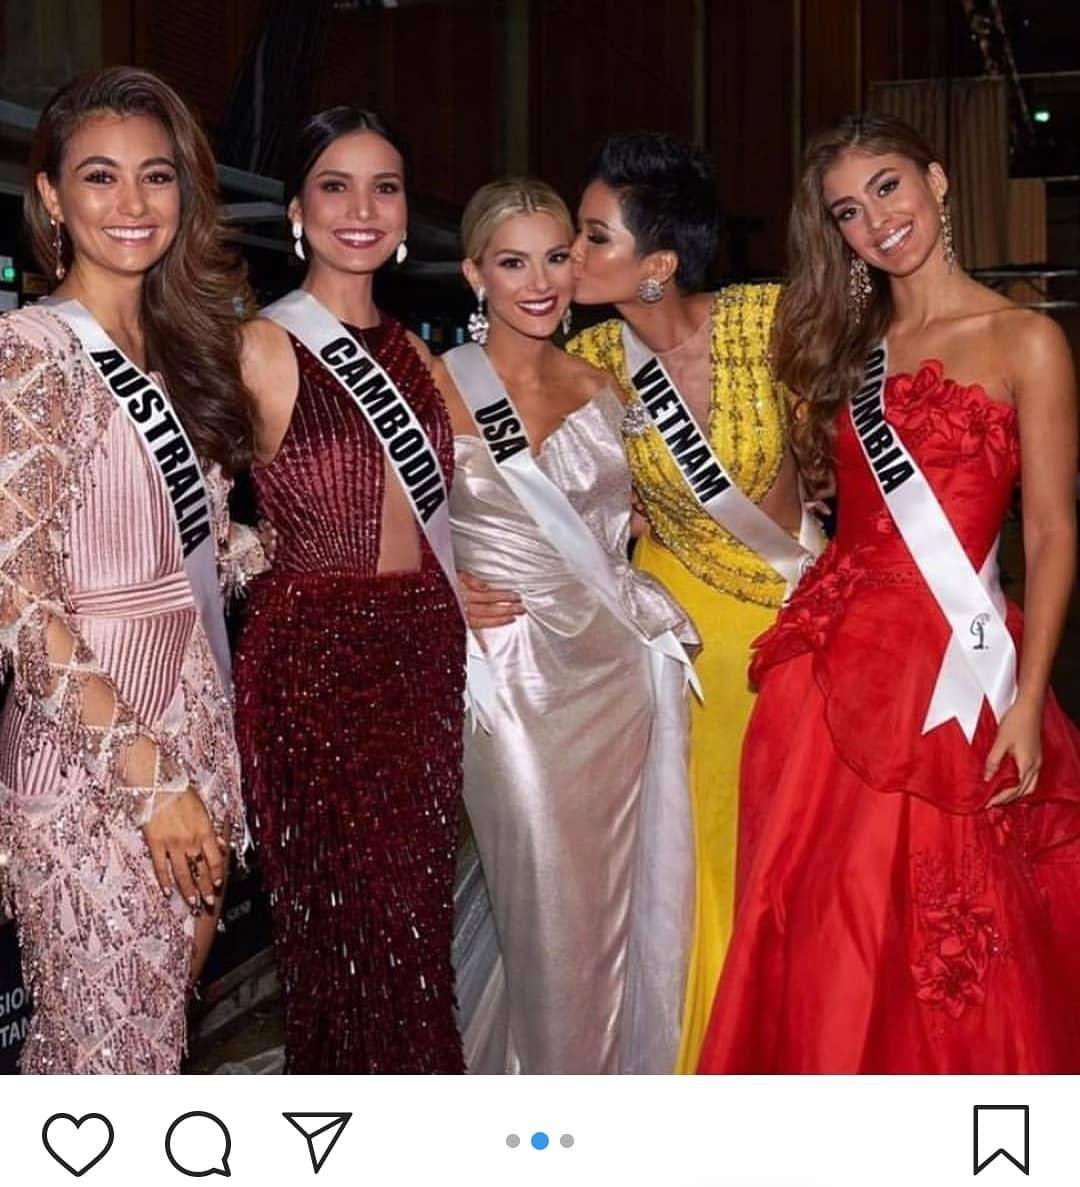 valeria morales, miss colombia universo 2018. - Página 20 Y7c7ys10